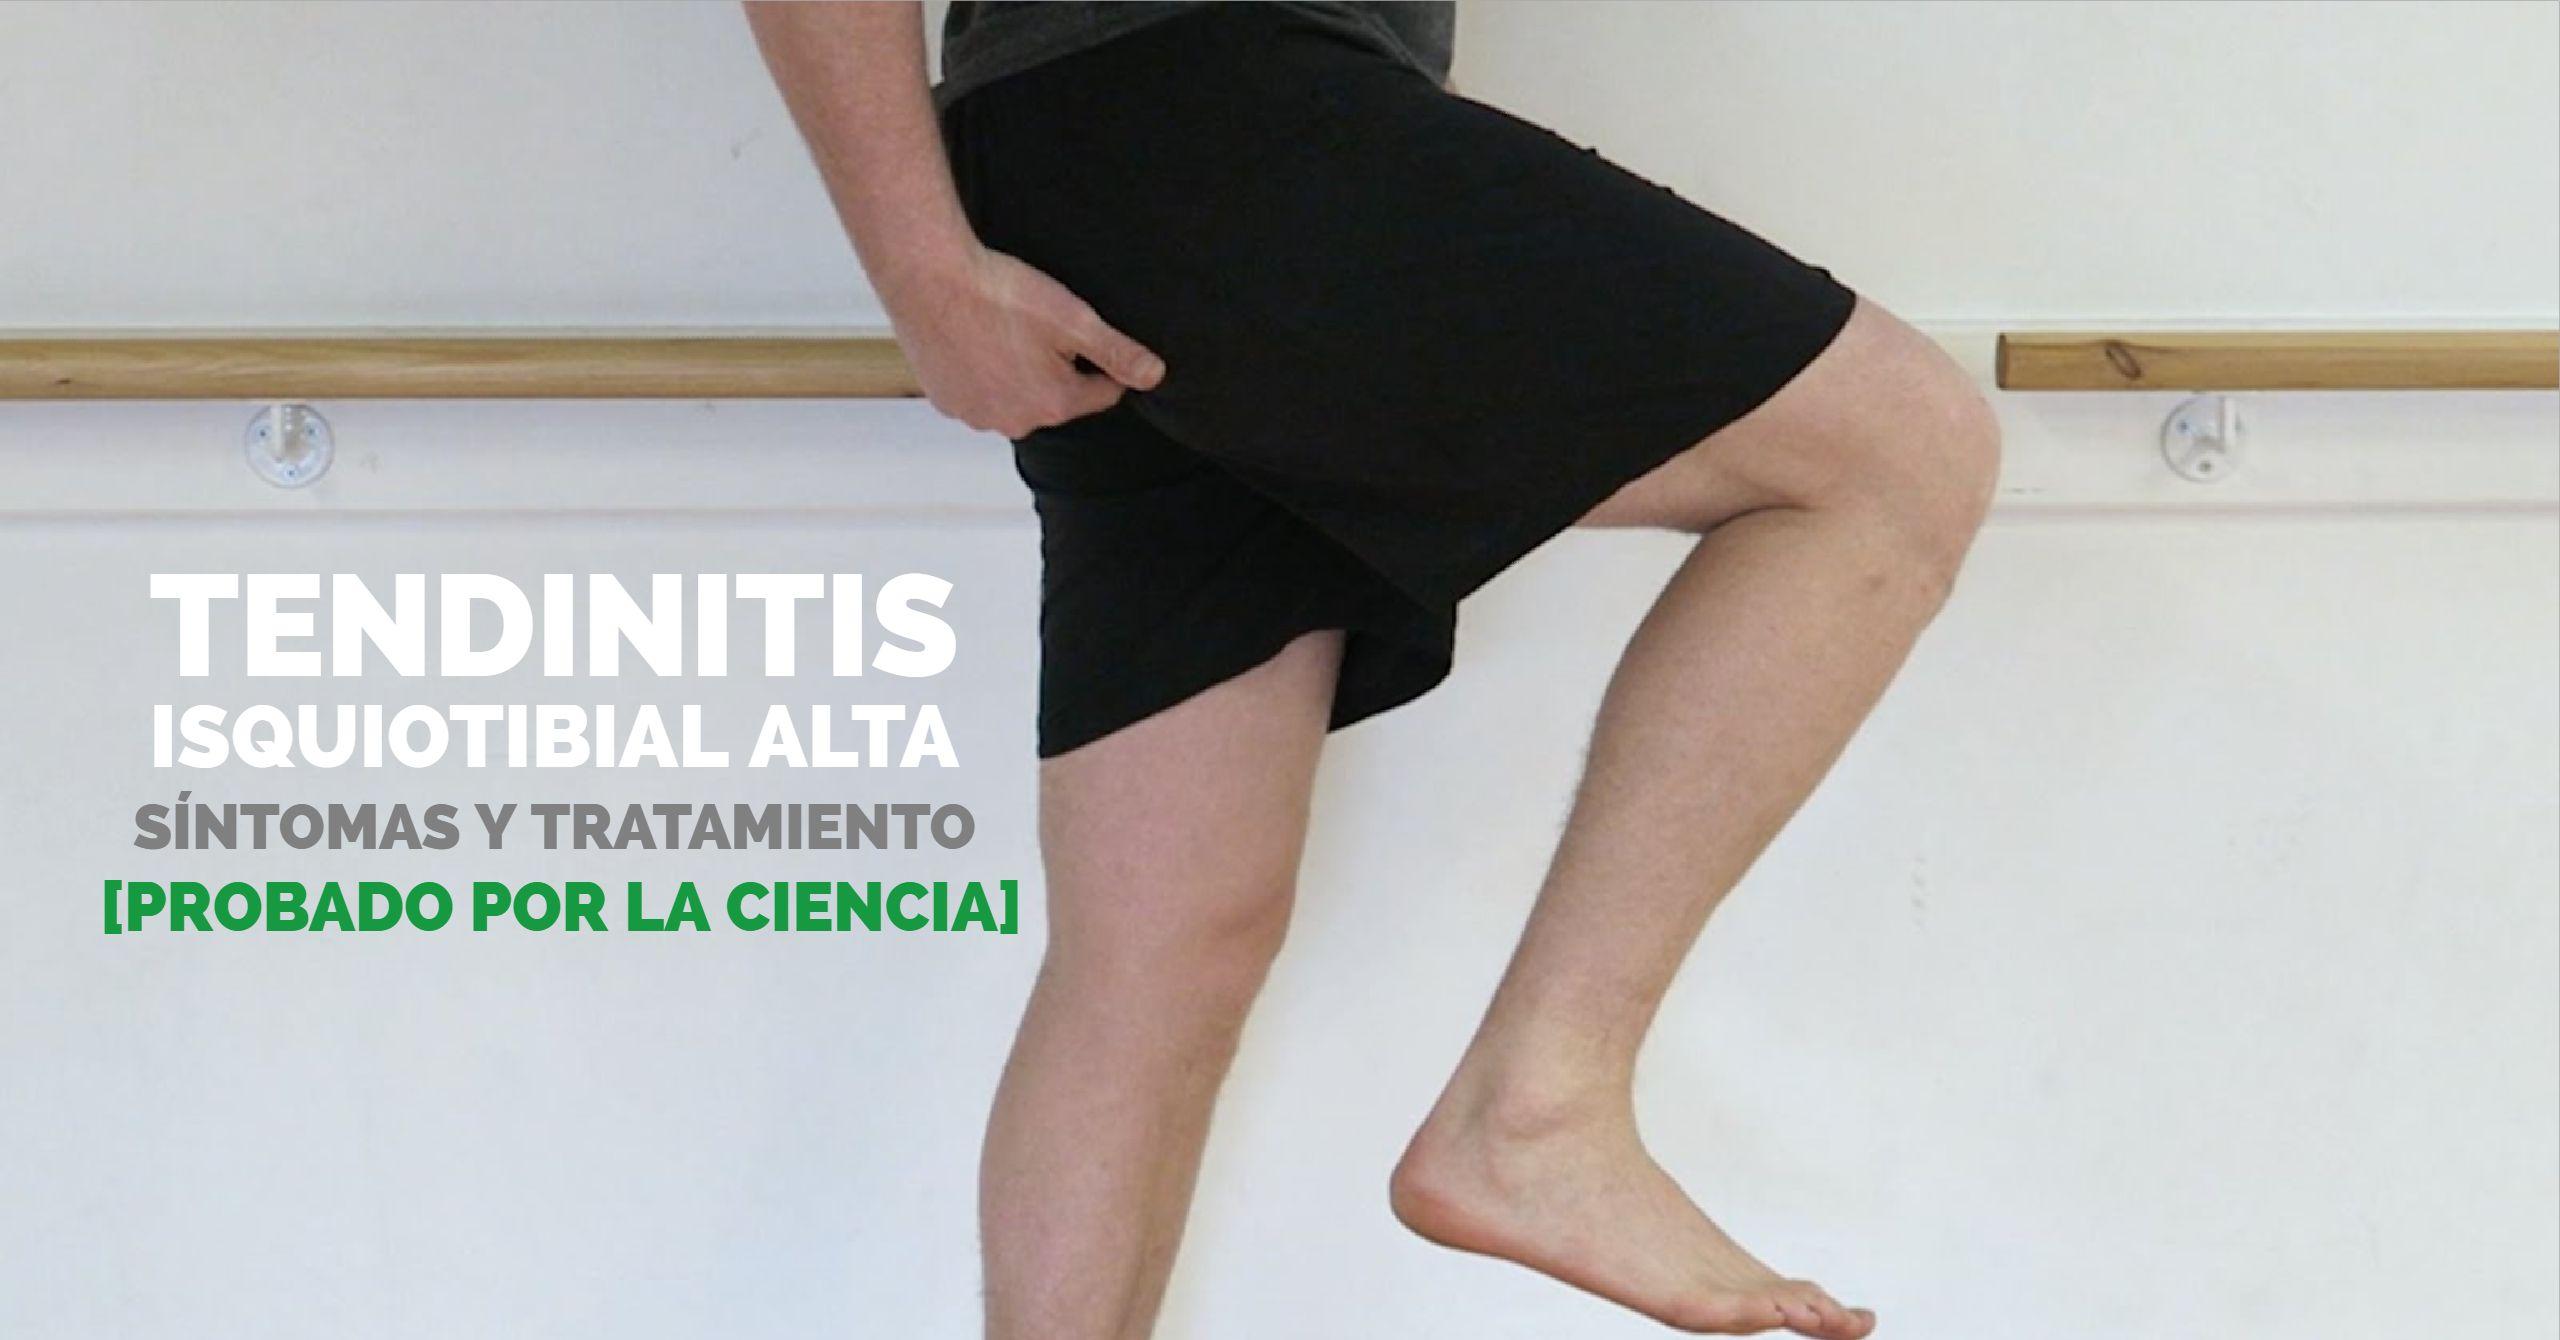 Tendinitis Isquiotibial Alta Síntomas Y Tratamiento Probado Por La Ciencia